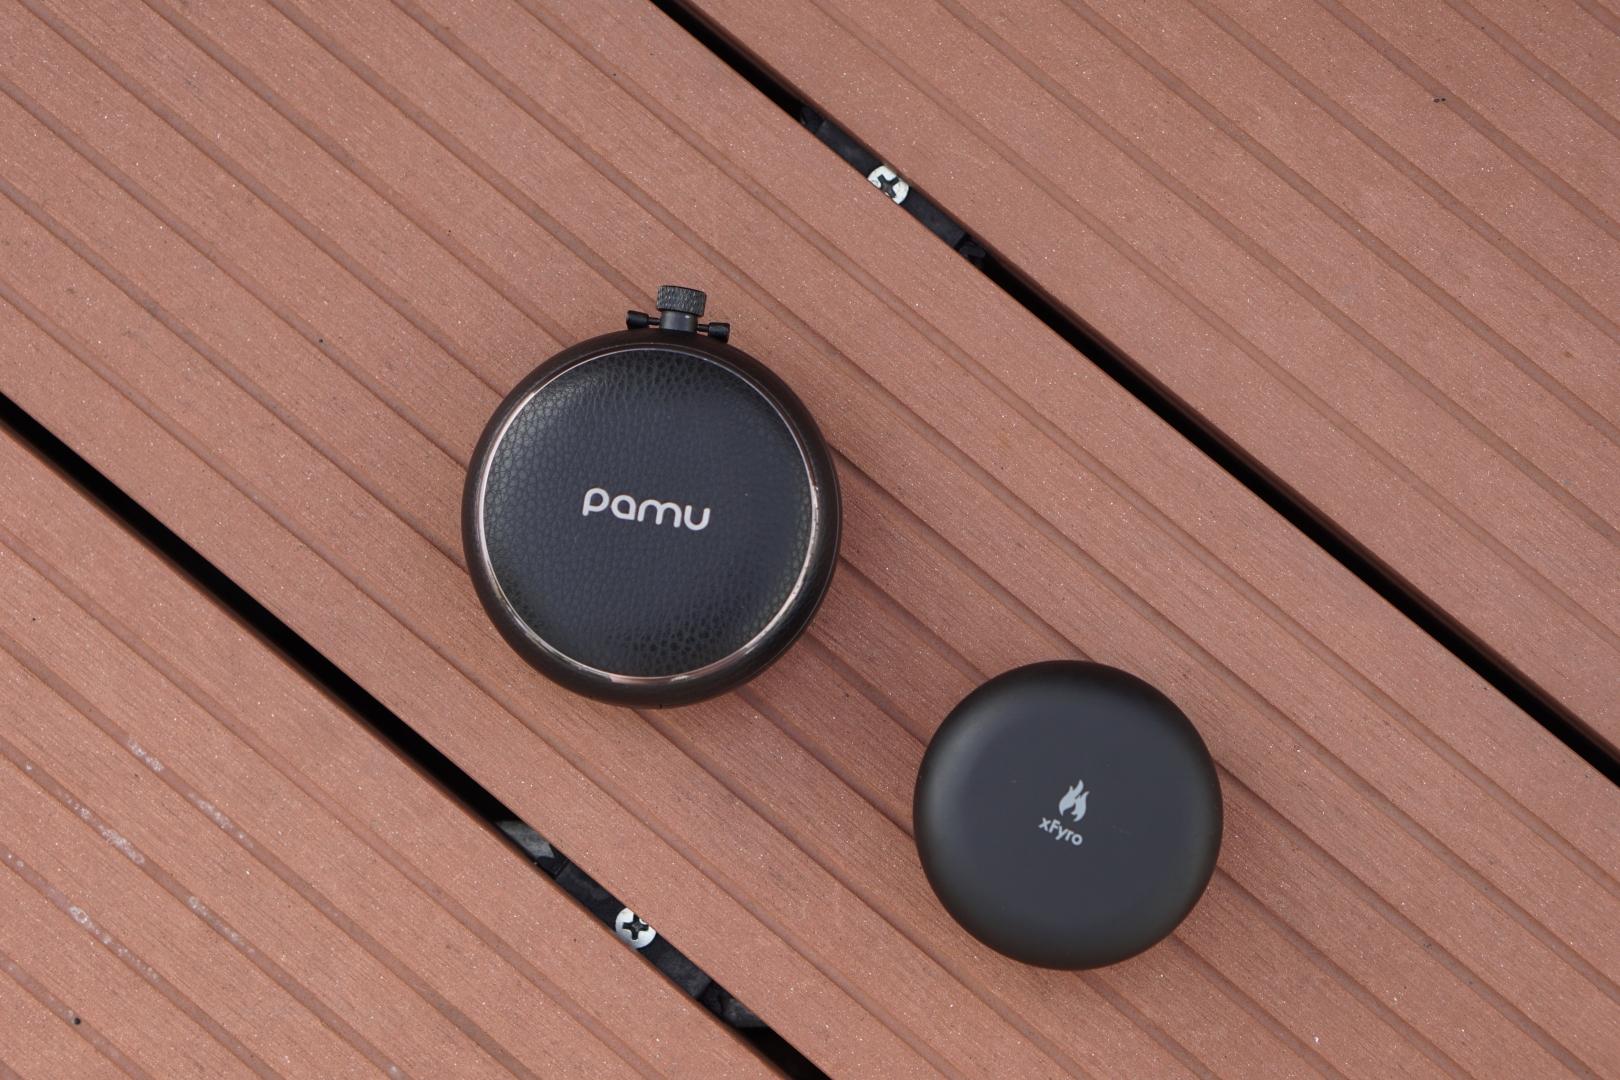 Pamu mới thiệu tai nghe mới Pamu Quiet có chống ồn chủ động